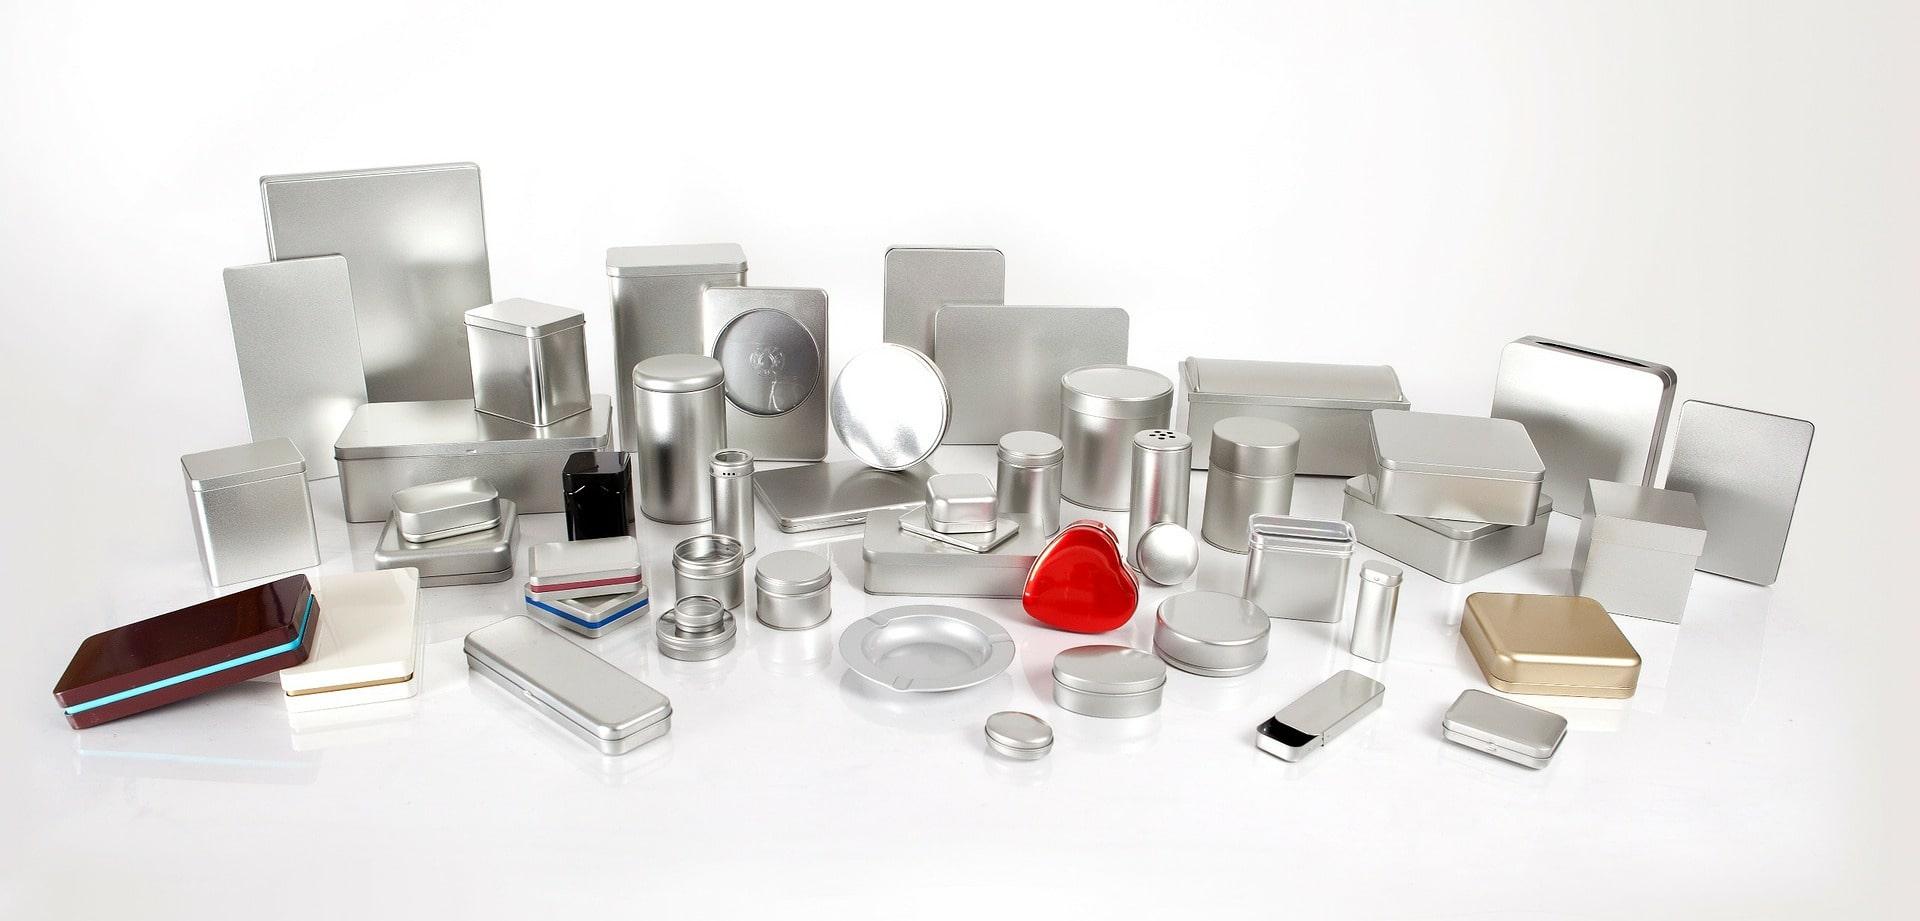 envases-metalicos-alternativa-sostenible